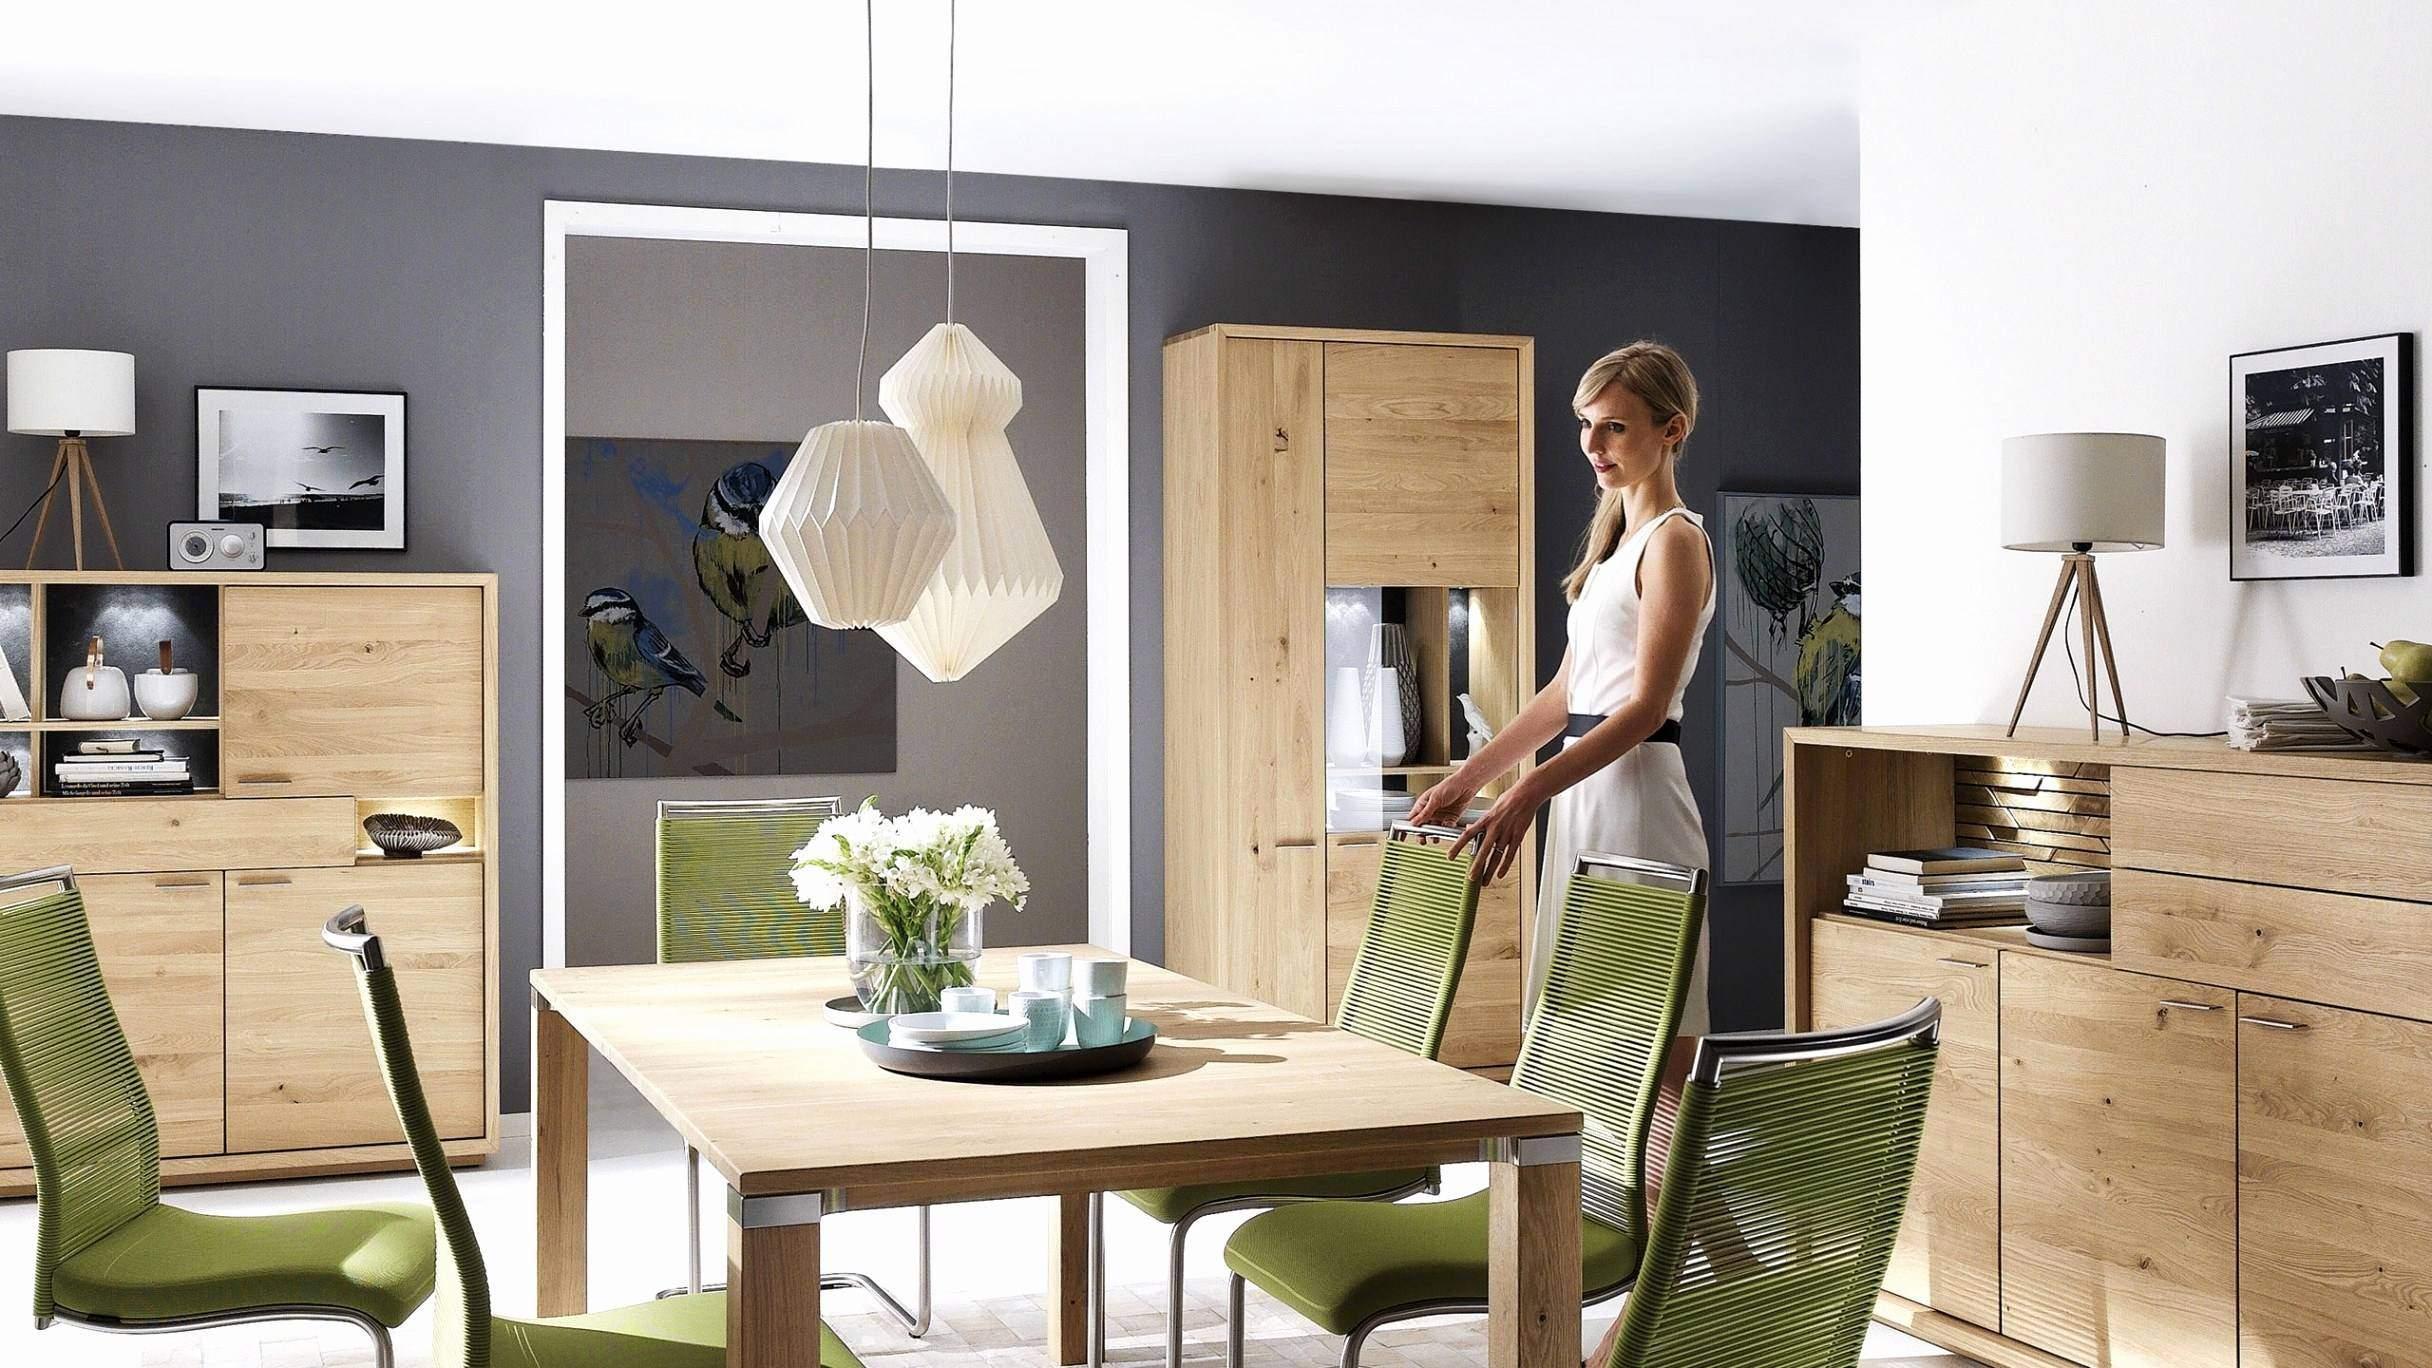 Full Size of Dekorationsideen Wohnzimmer Landhausstil Deckenleuchten Hängelampe Deckenlampen Für Vorhänge Tisch Poster Led Beleuchtung Schrankwand Moderne Deckenleuchte Wohnzimmer Dekorationsideen Wohnzimmer